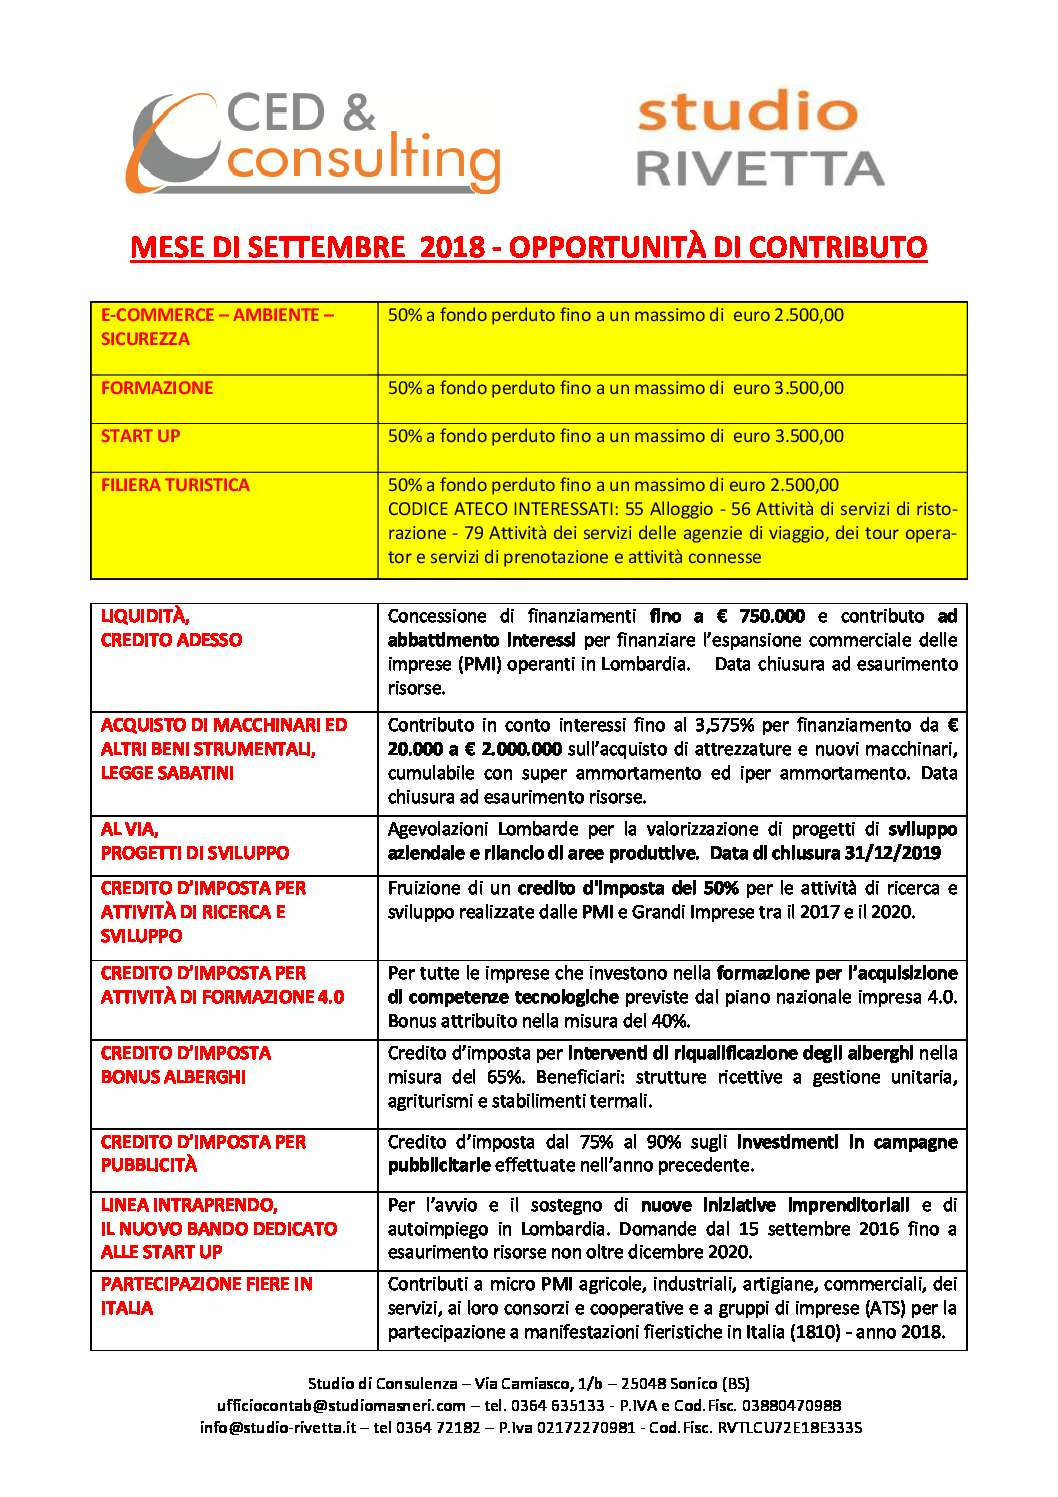 BANDI MESE DI SETTEMBRE 2018 – OPPORTUNITA' DI CONTRIBUTO